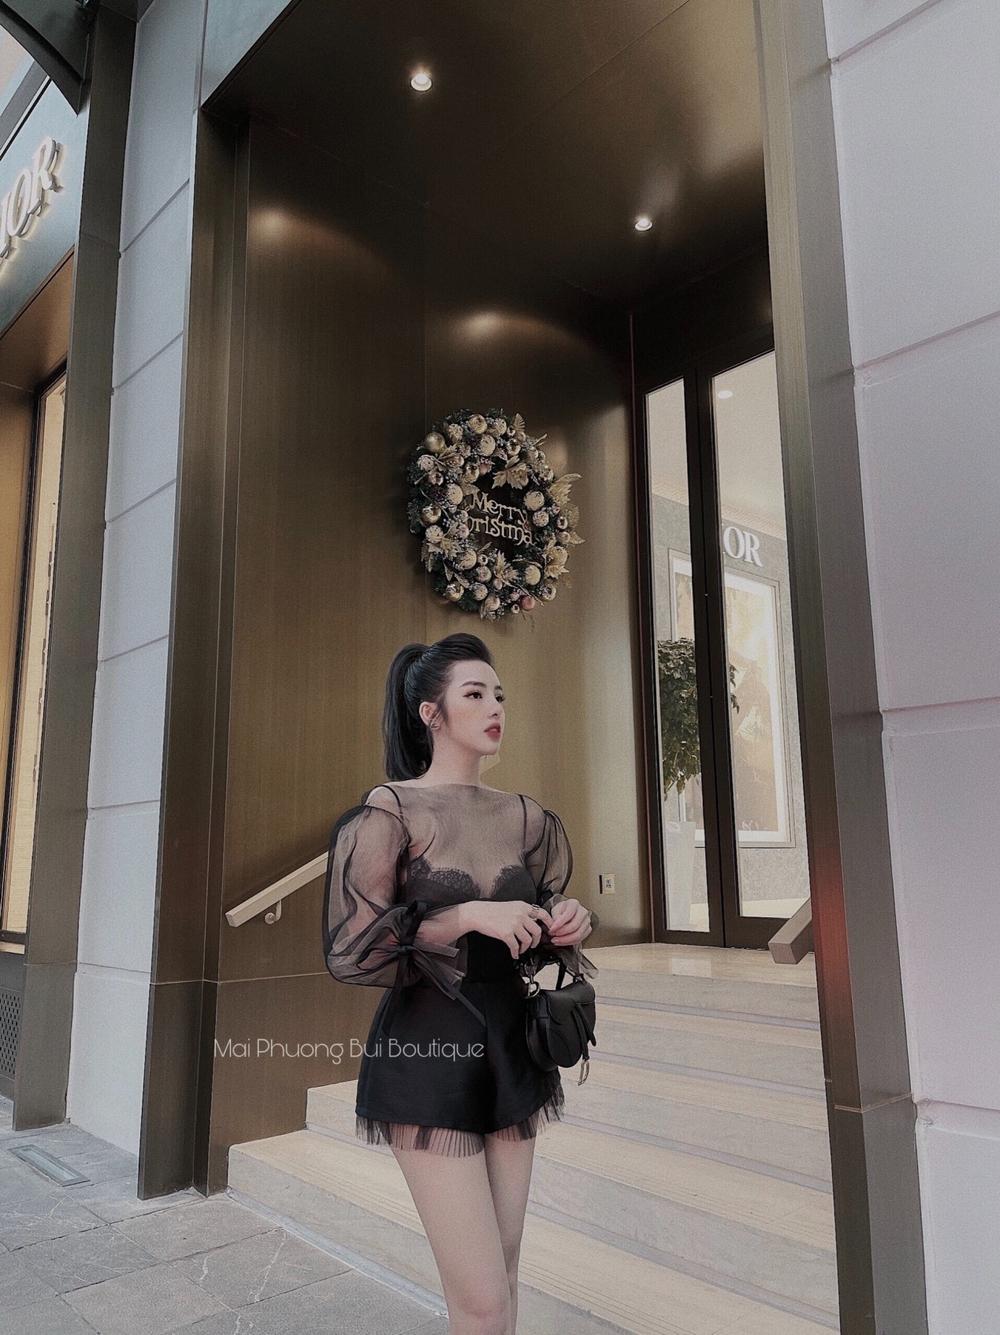 Những mẫu thiết kế mang phong cách sang chảnh, quý phái tại Mai Phương Bùi Boutique Ảnh 5